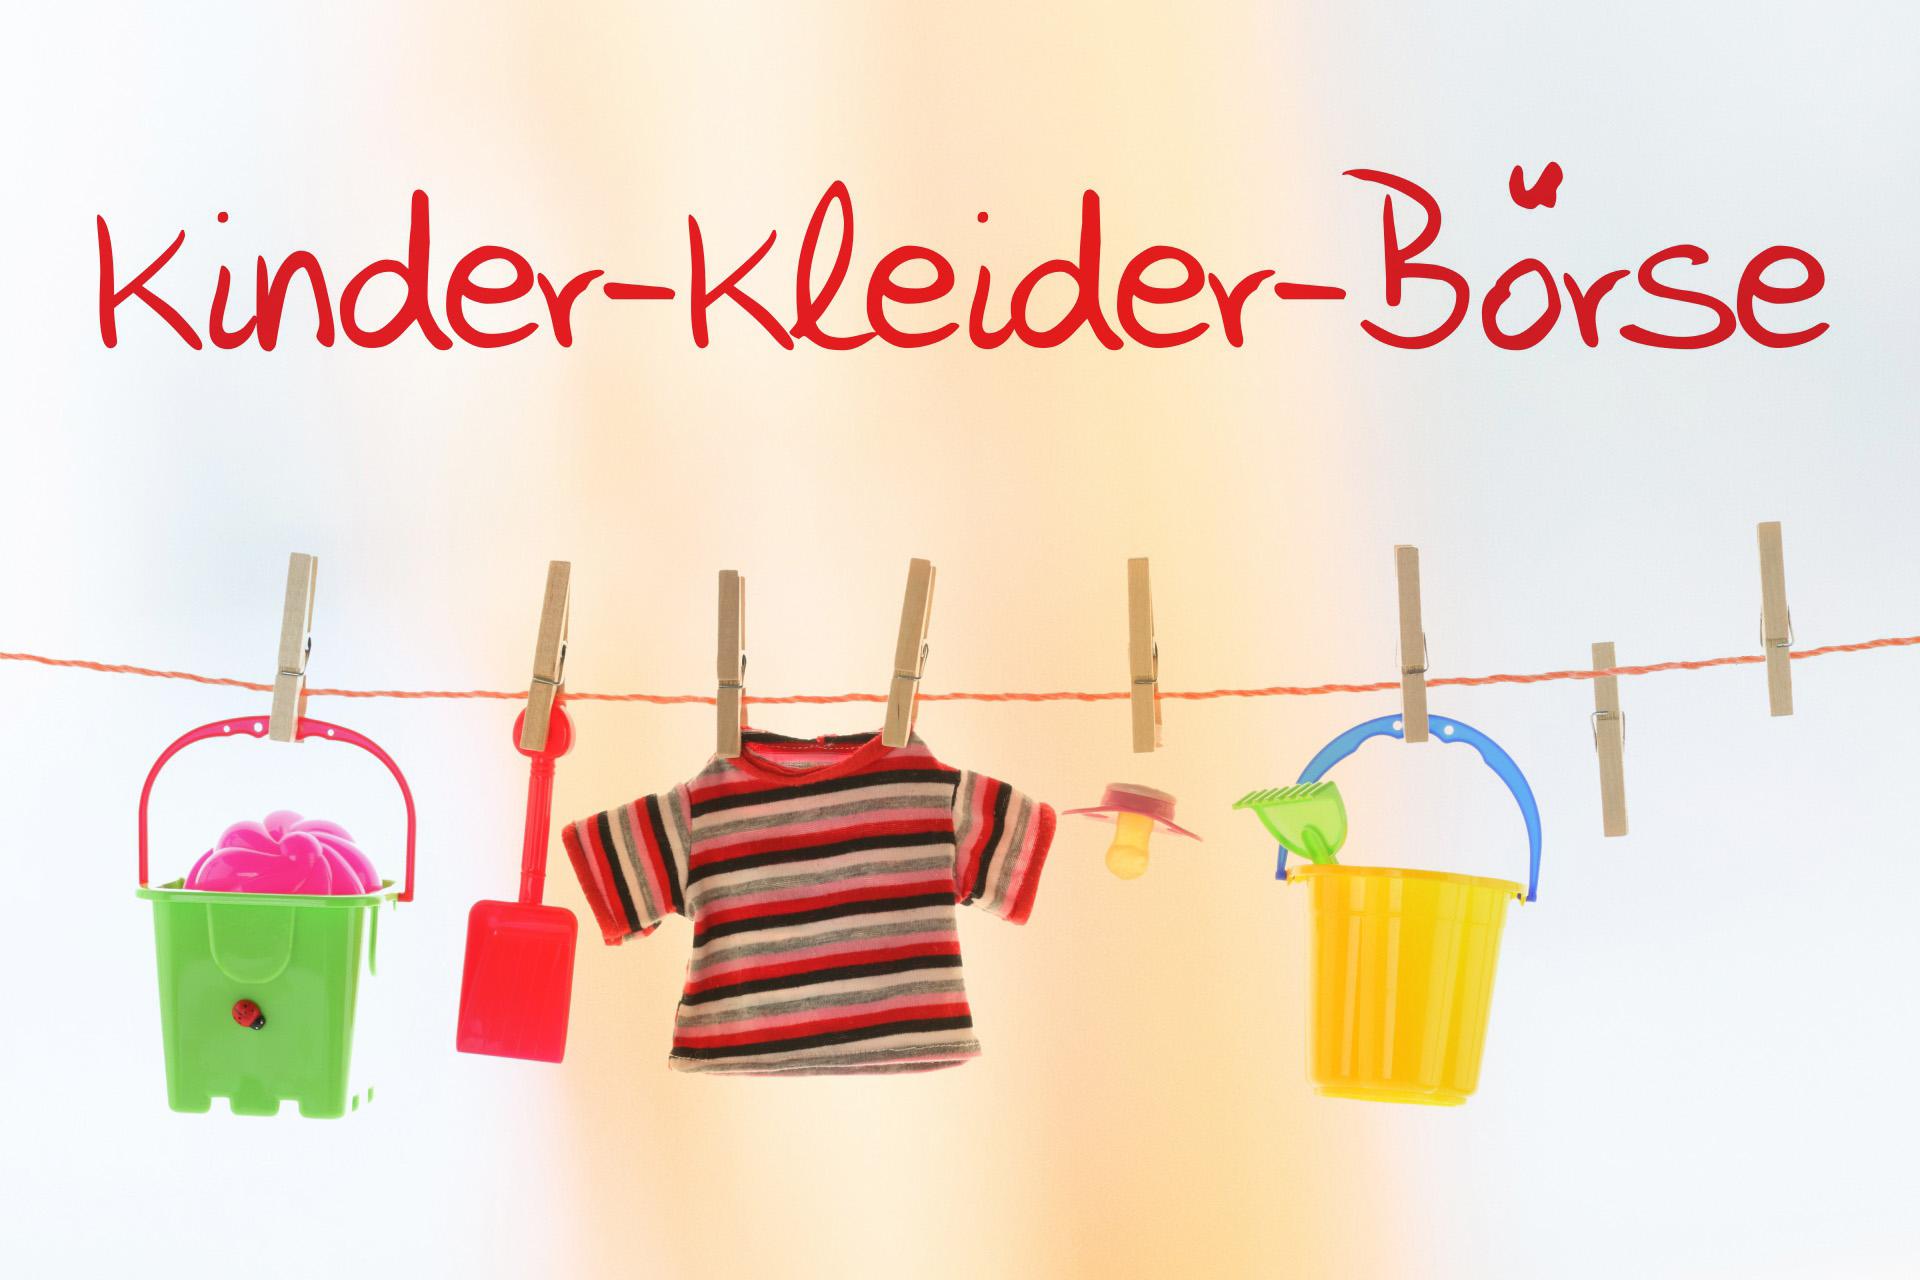 Secondhand Handel von Kleidung, Spielsachen, Babyartikeln, Ankauf und Verkauf